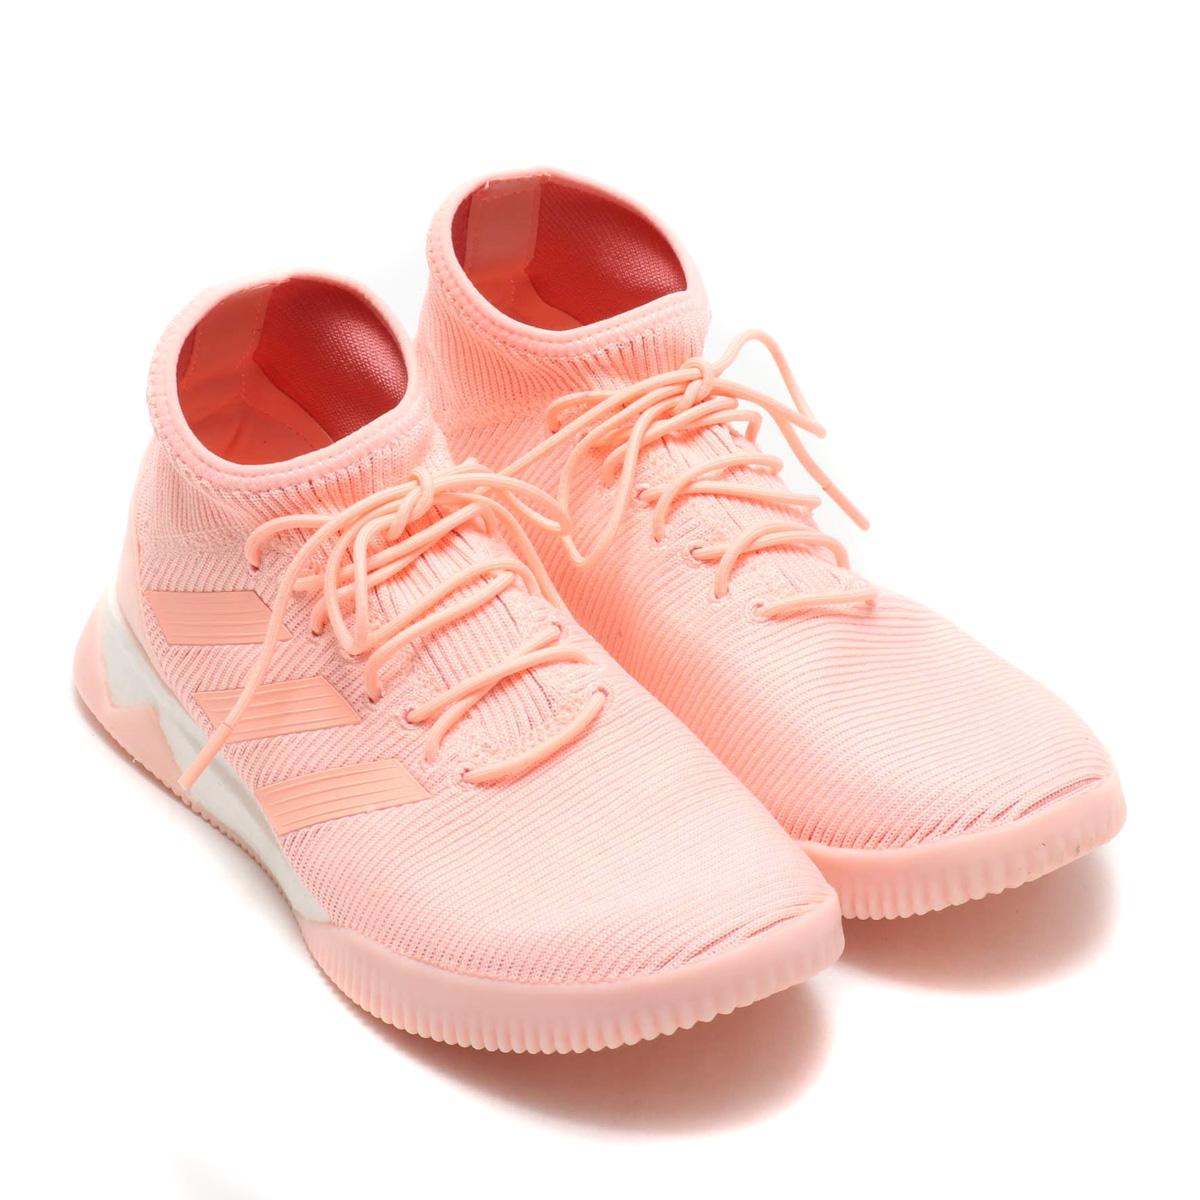 adidas PREDATOR TANGO 18.1 TR(アディダス プレデタータンゴ 18.1 TR)CLEAR ORANGE/CLEAR ORANGE/TRASE PINK【メンズ スニーカー】18FW-I